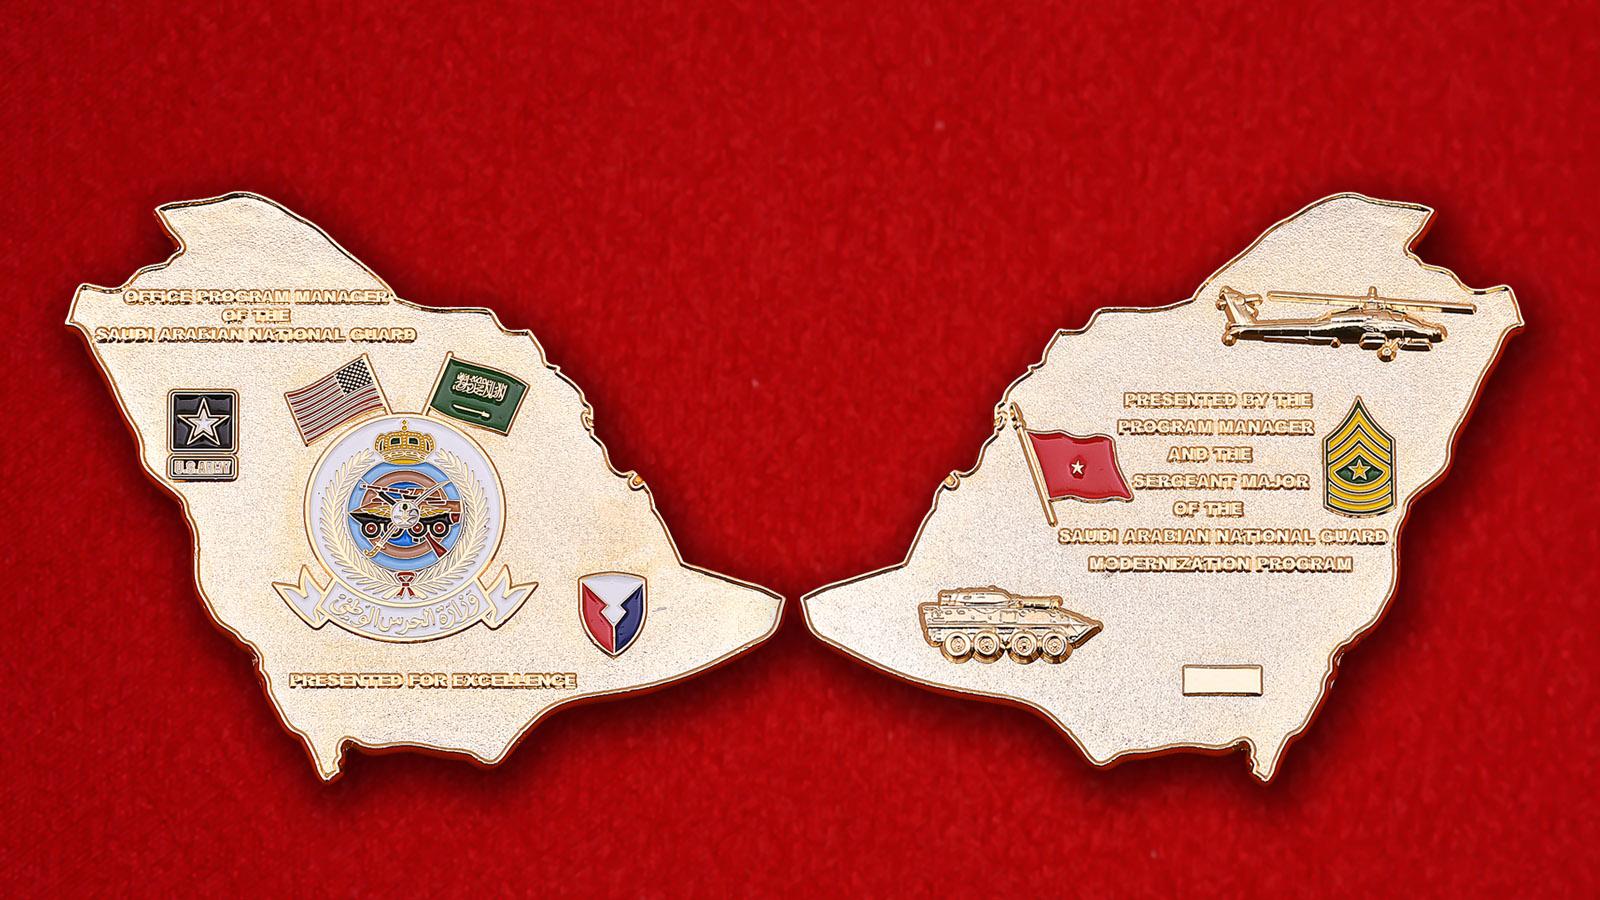 """Челлендж коин """"За отличную службу"""" от руководителя программы модернизации Национальной Гвардии Саудовской Аравии"""